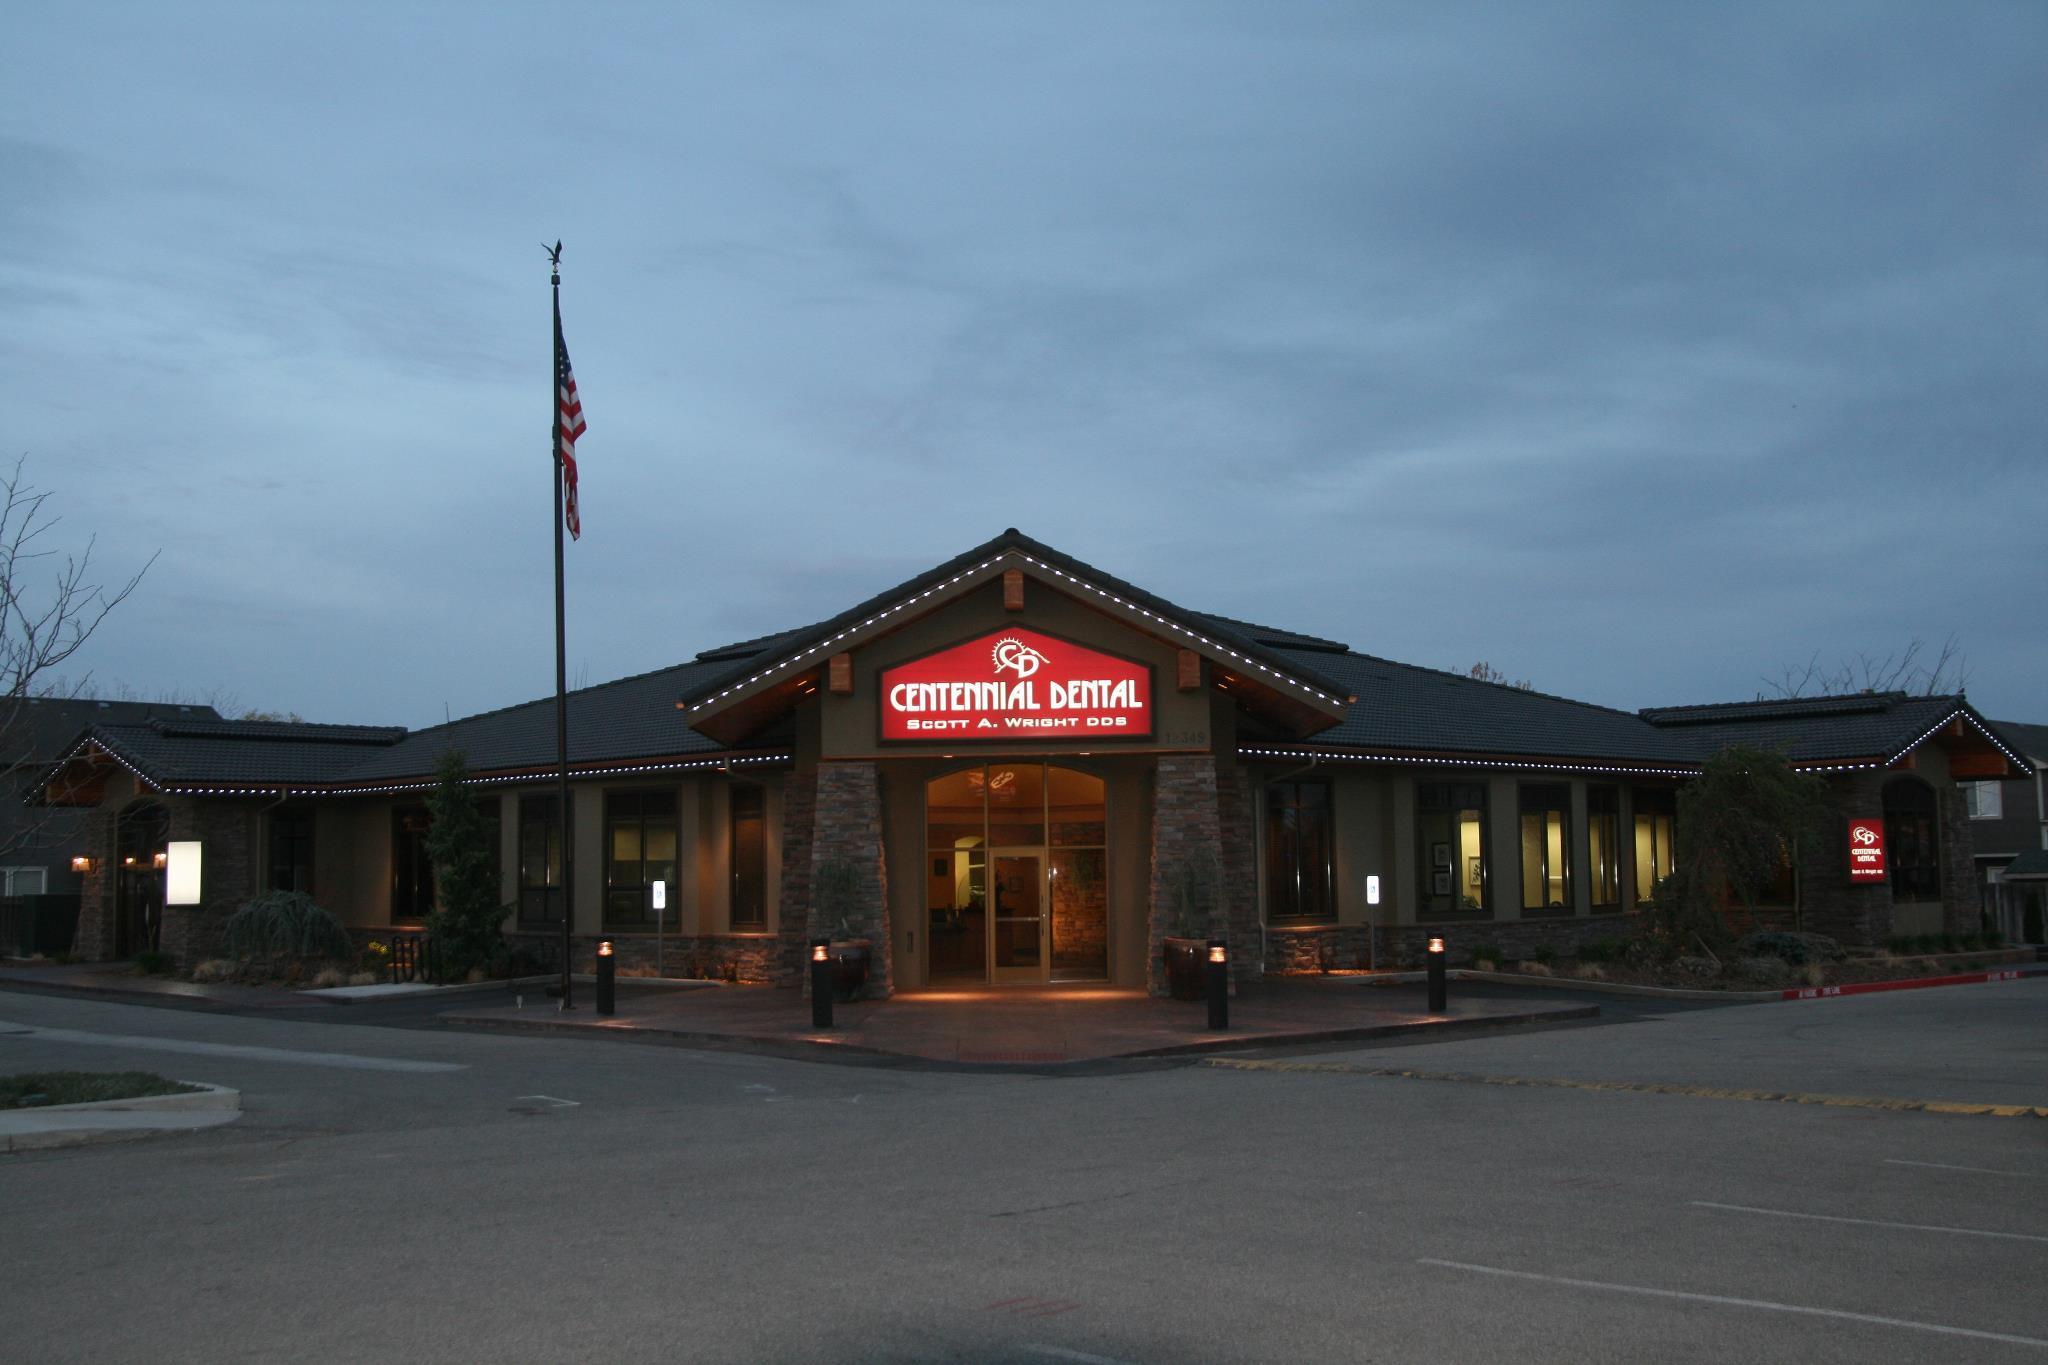 Centennial Dental Center: Scott A. Wright, DDS image 2